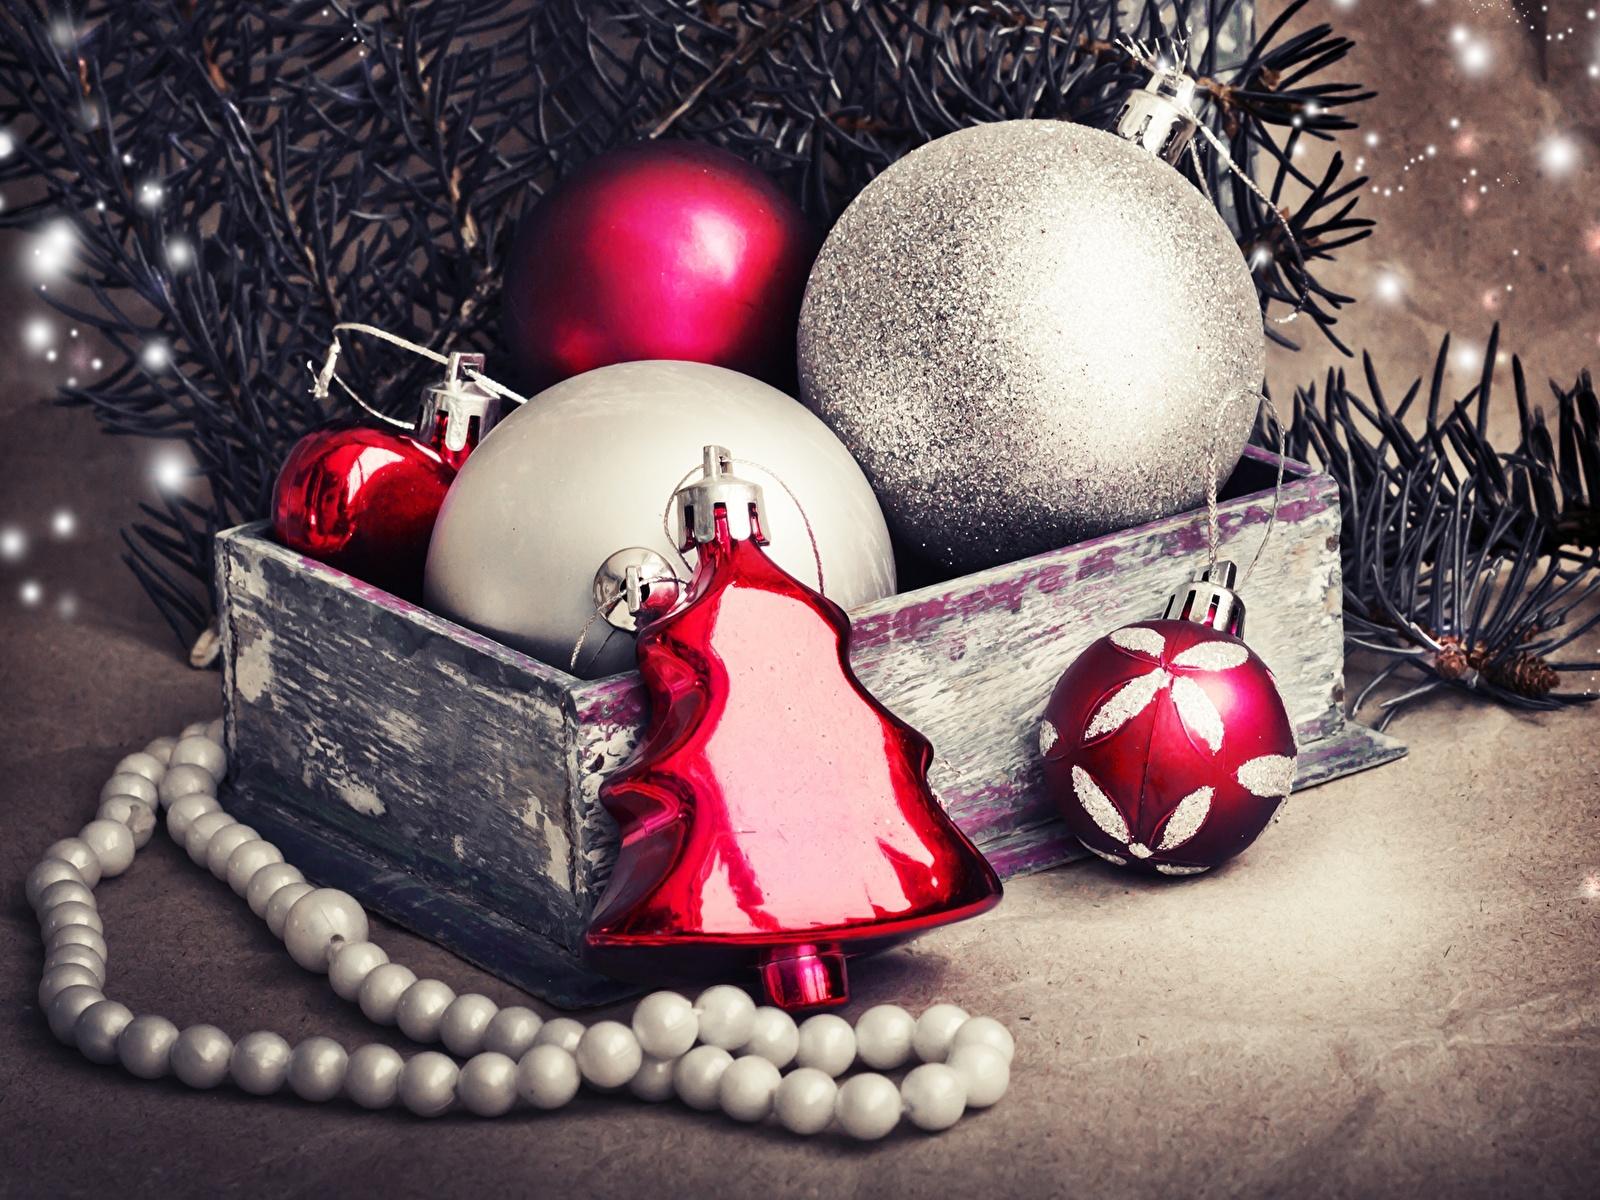 Обои рождество, украшение, шар, шарик. Праздники foto 12